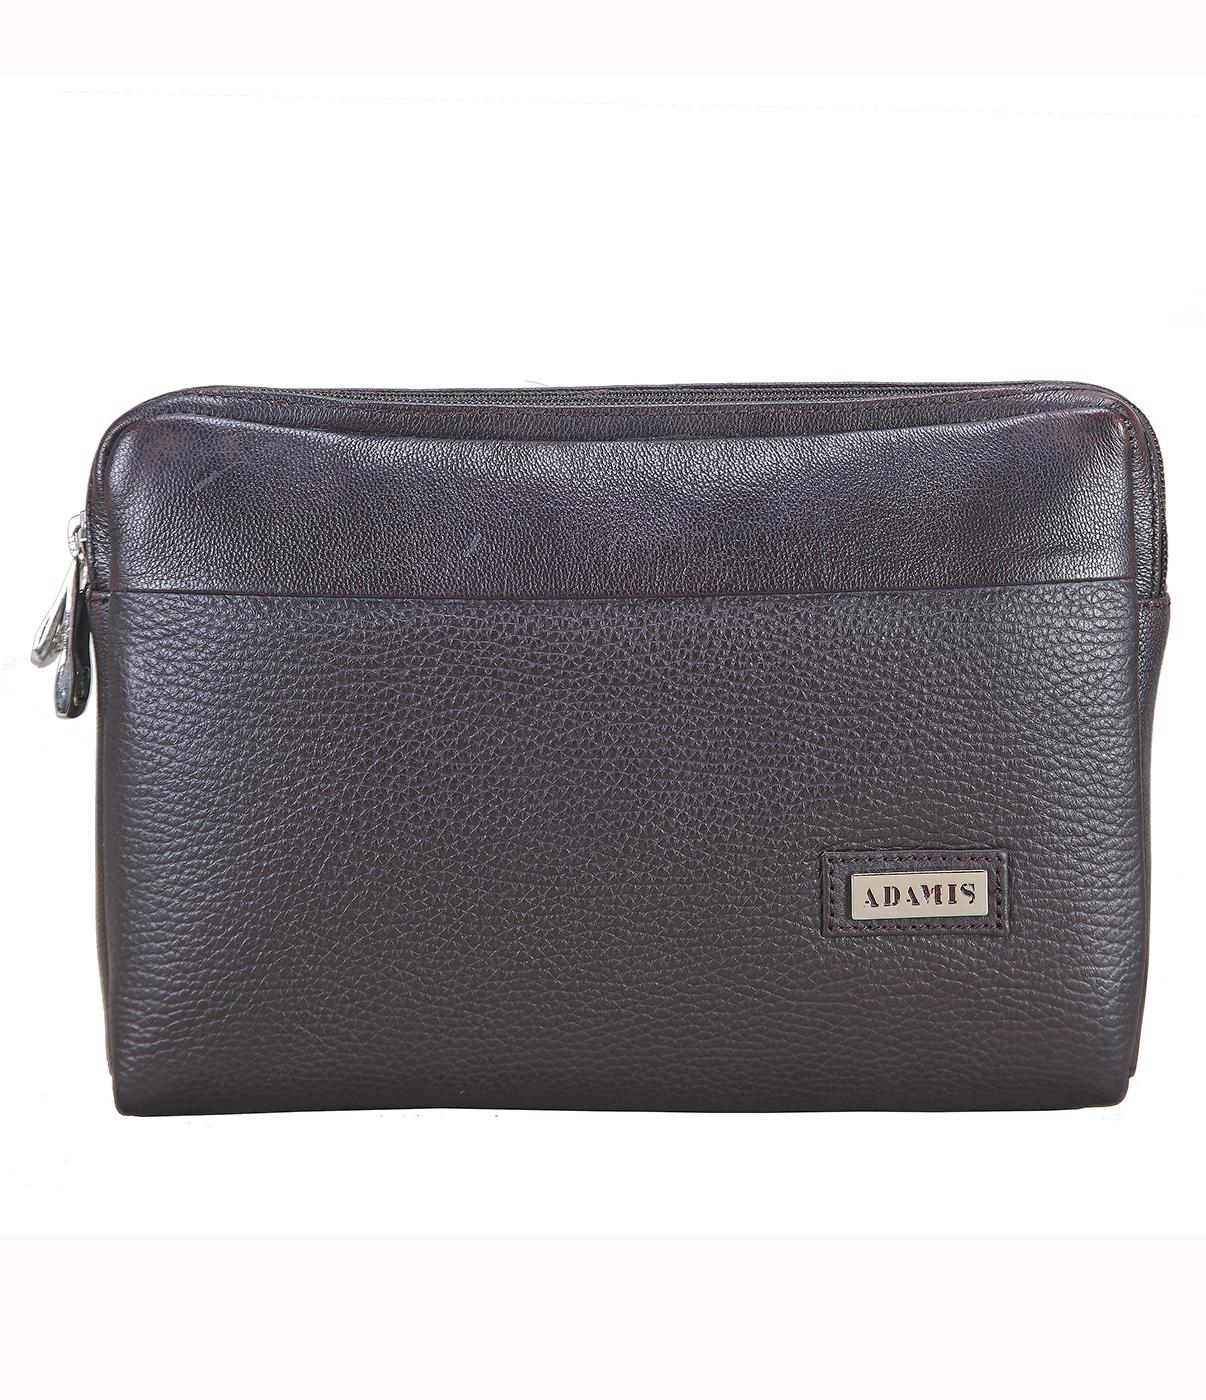 Bags - P20